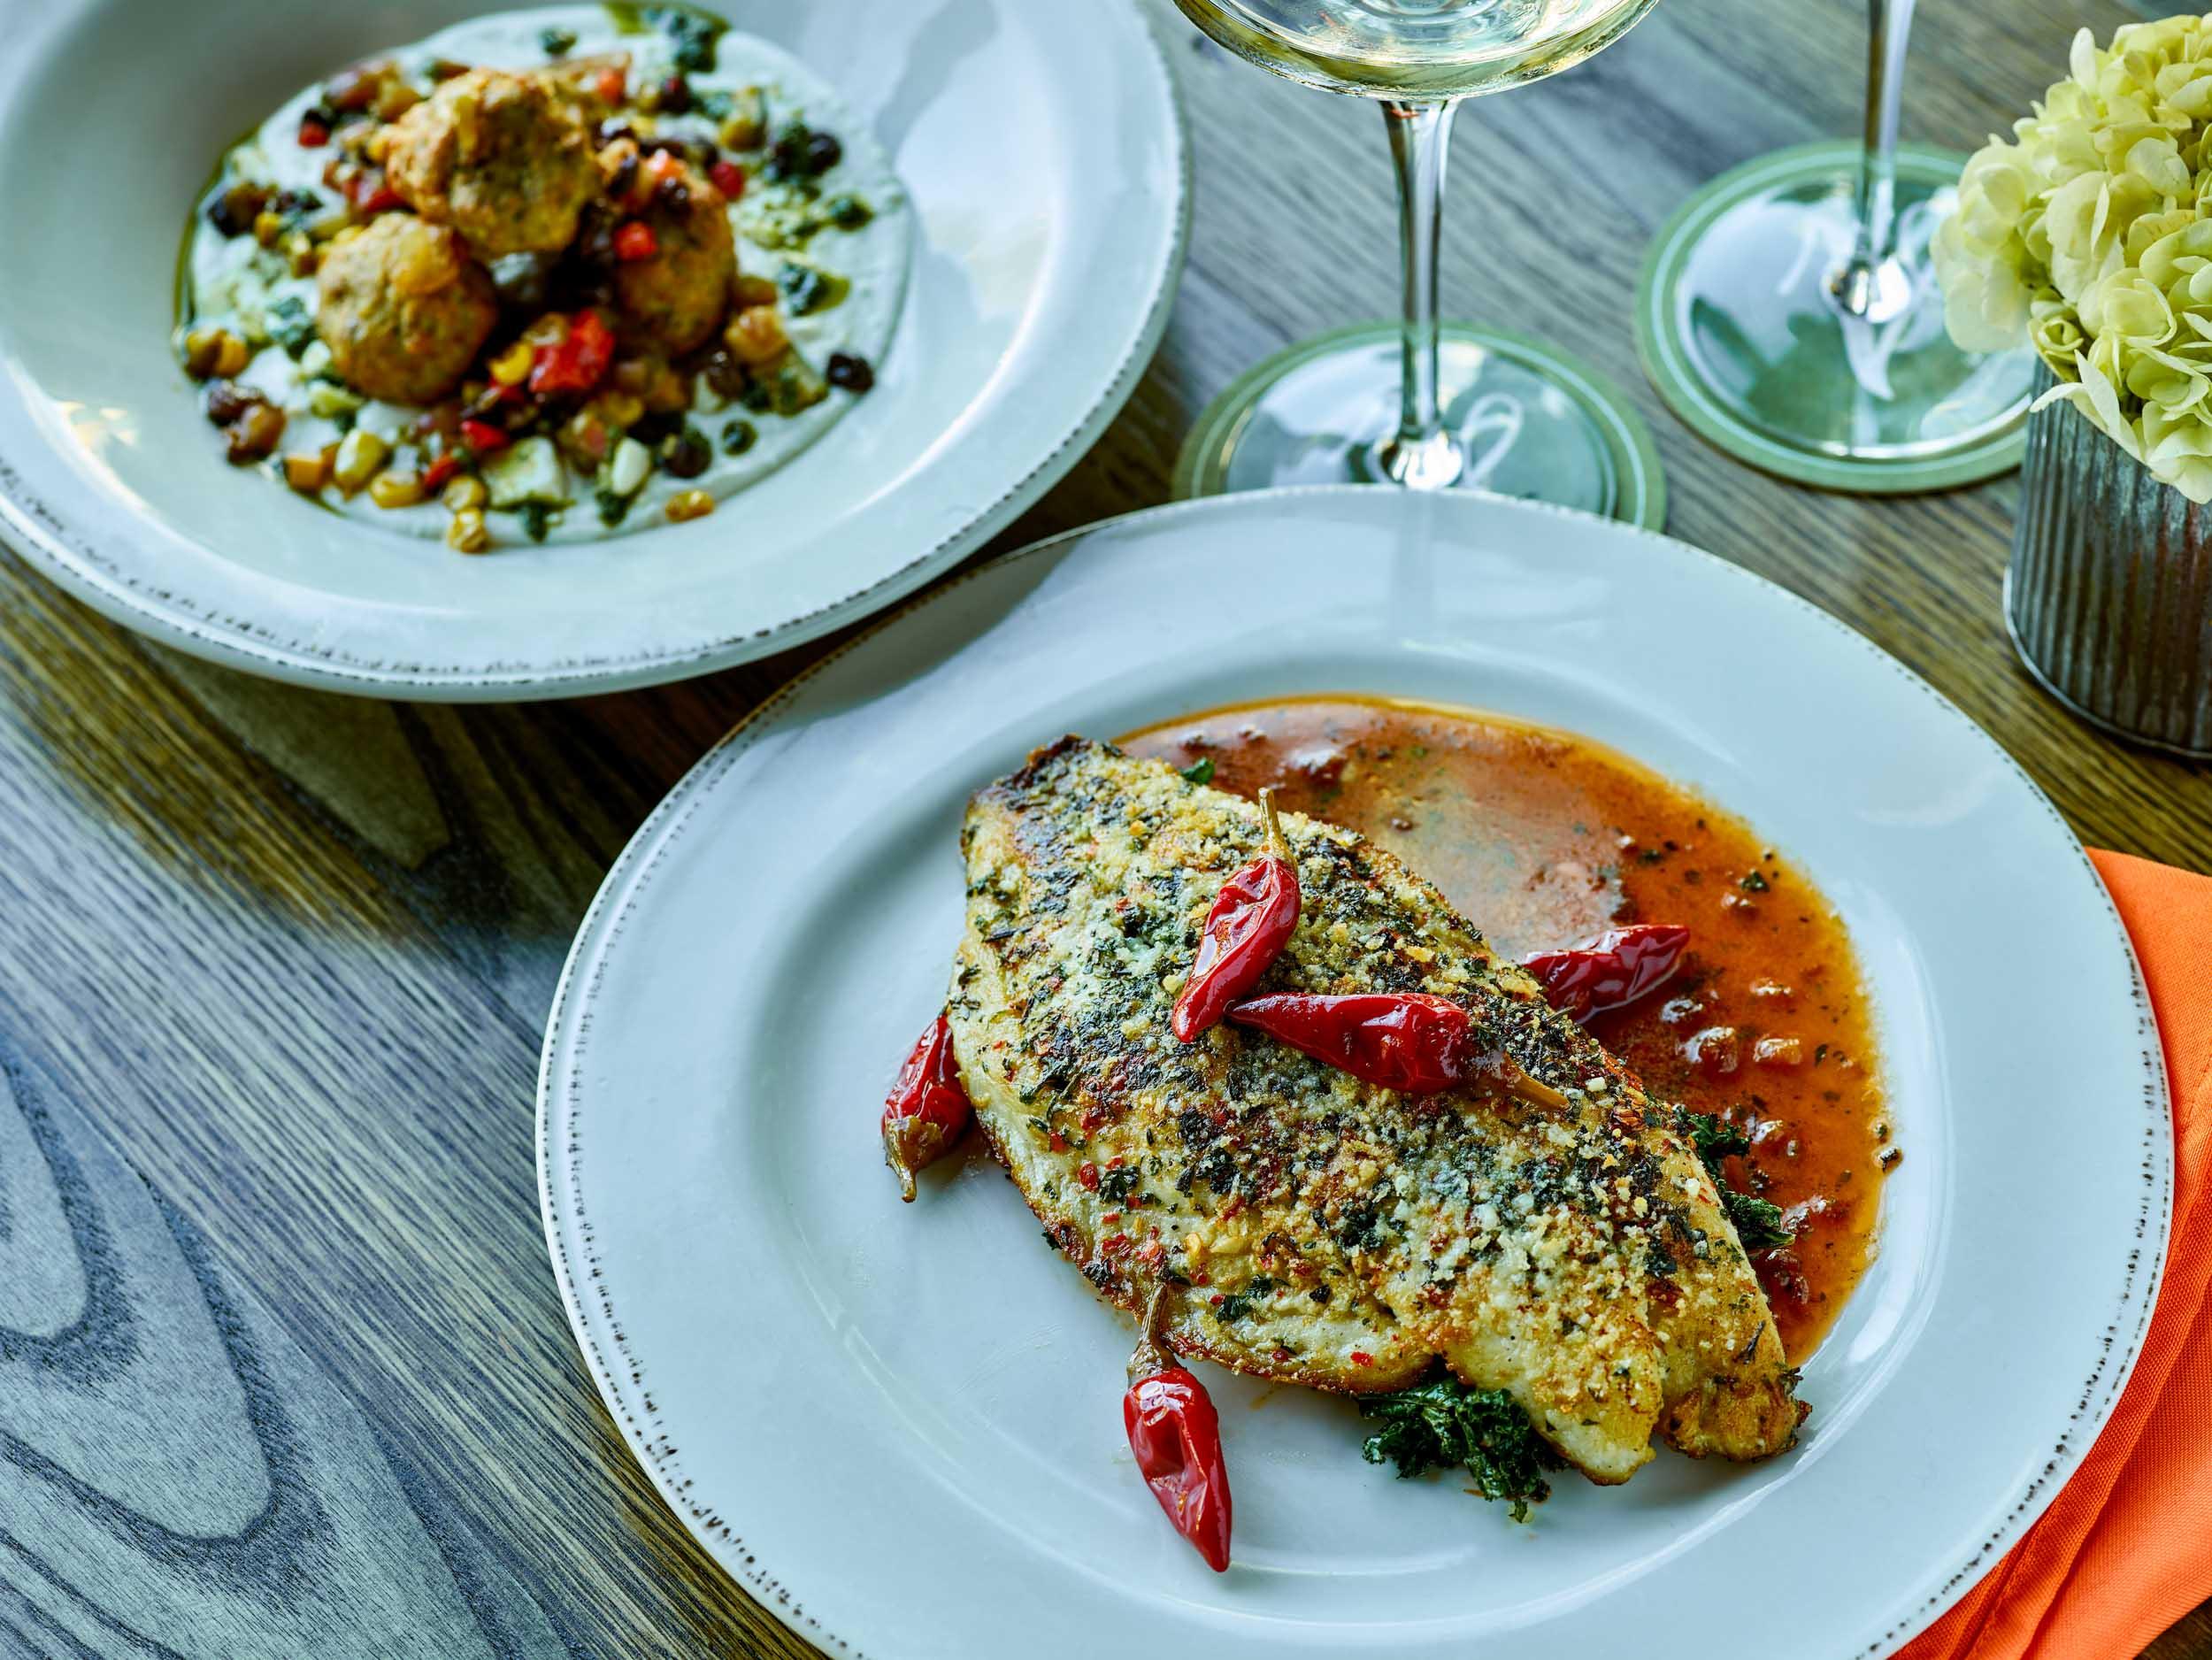 BRI-vivians-dinner-food-181101-17864-LR.jpg